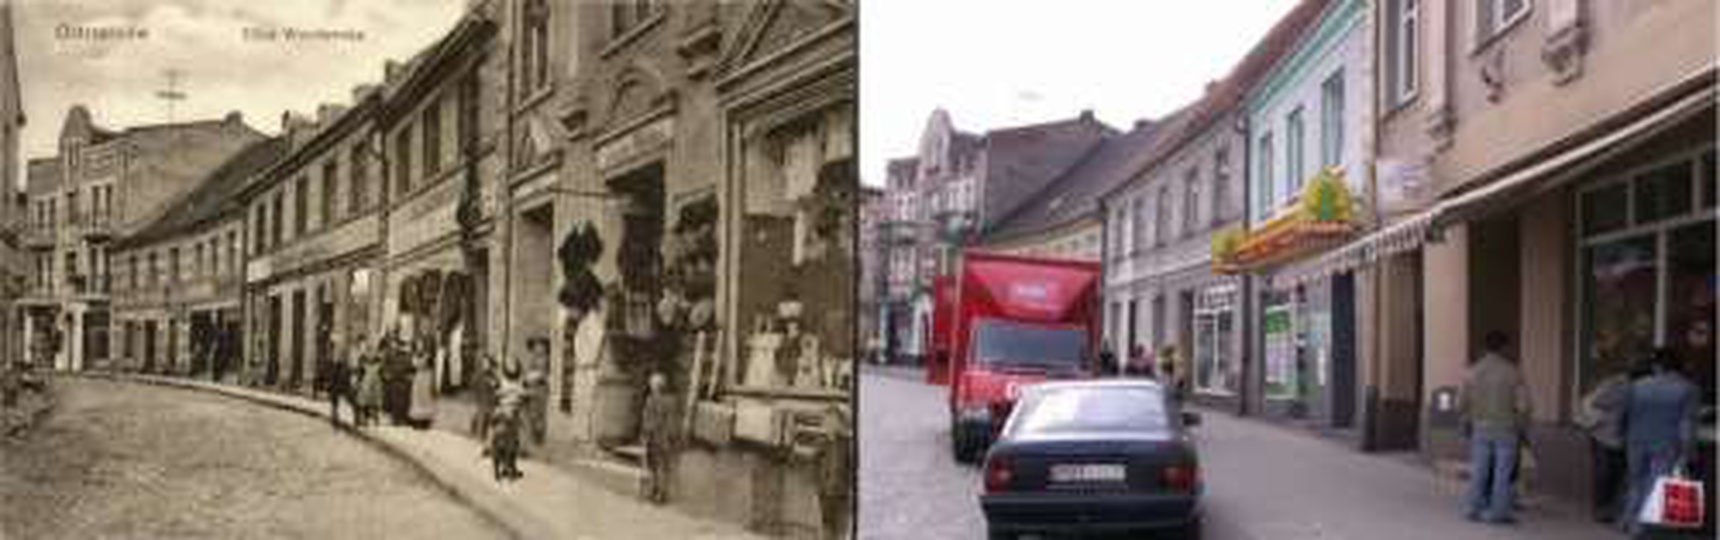 Ulica Wrocławska - teraz Sikorskiego, stare zdjęcia -